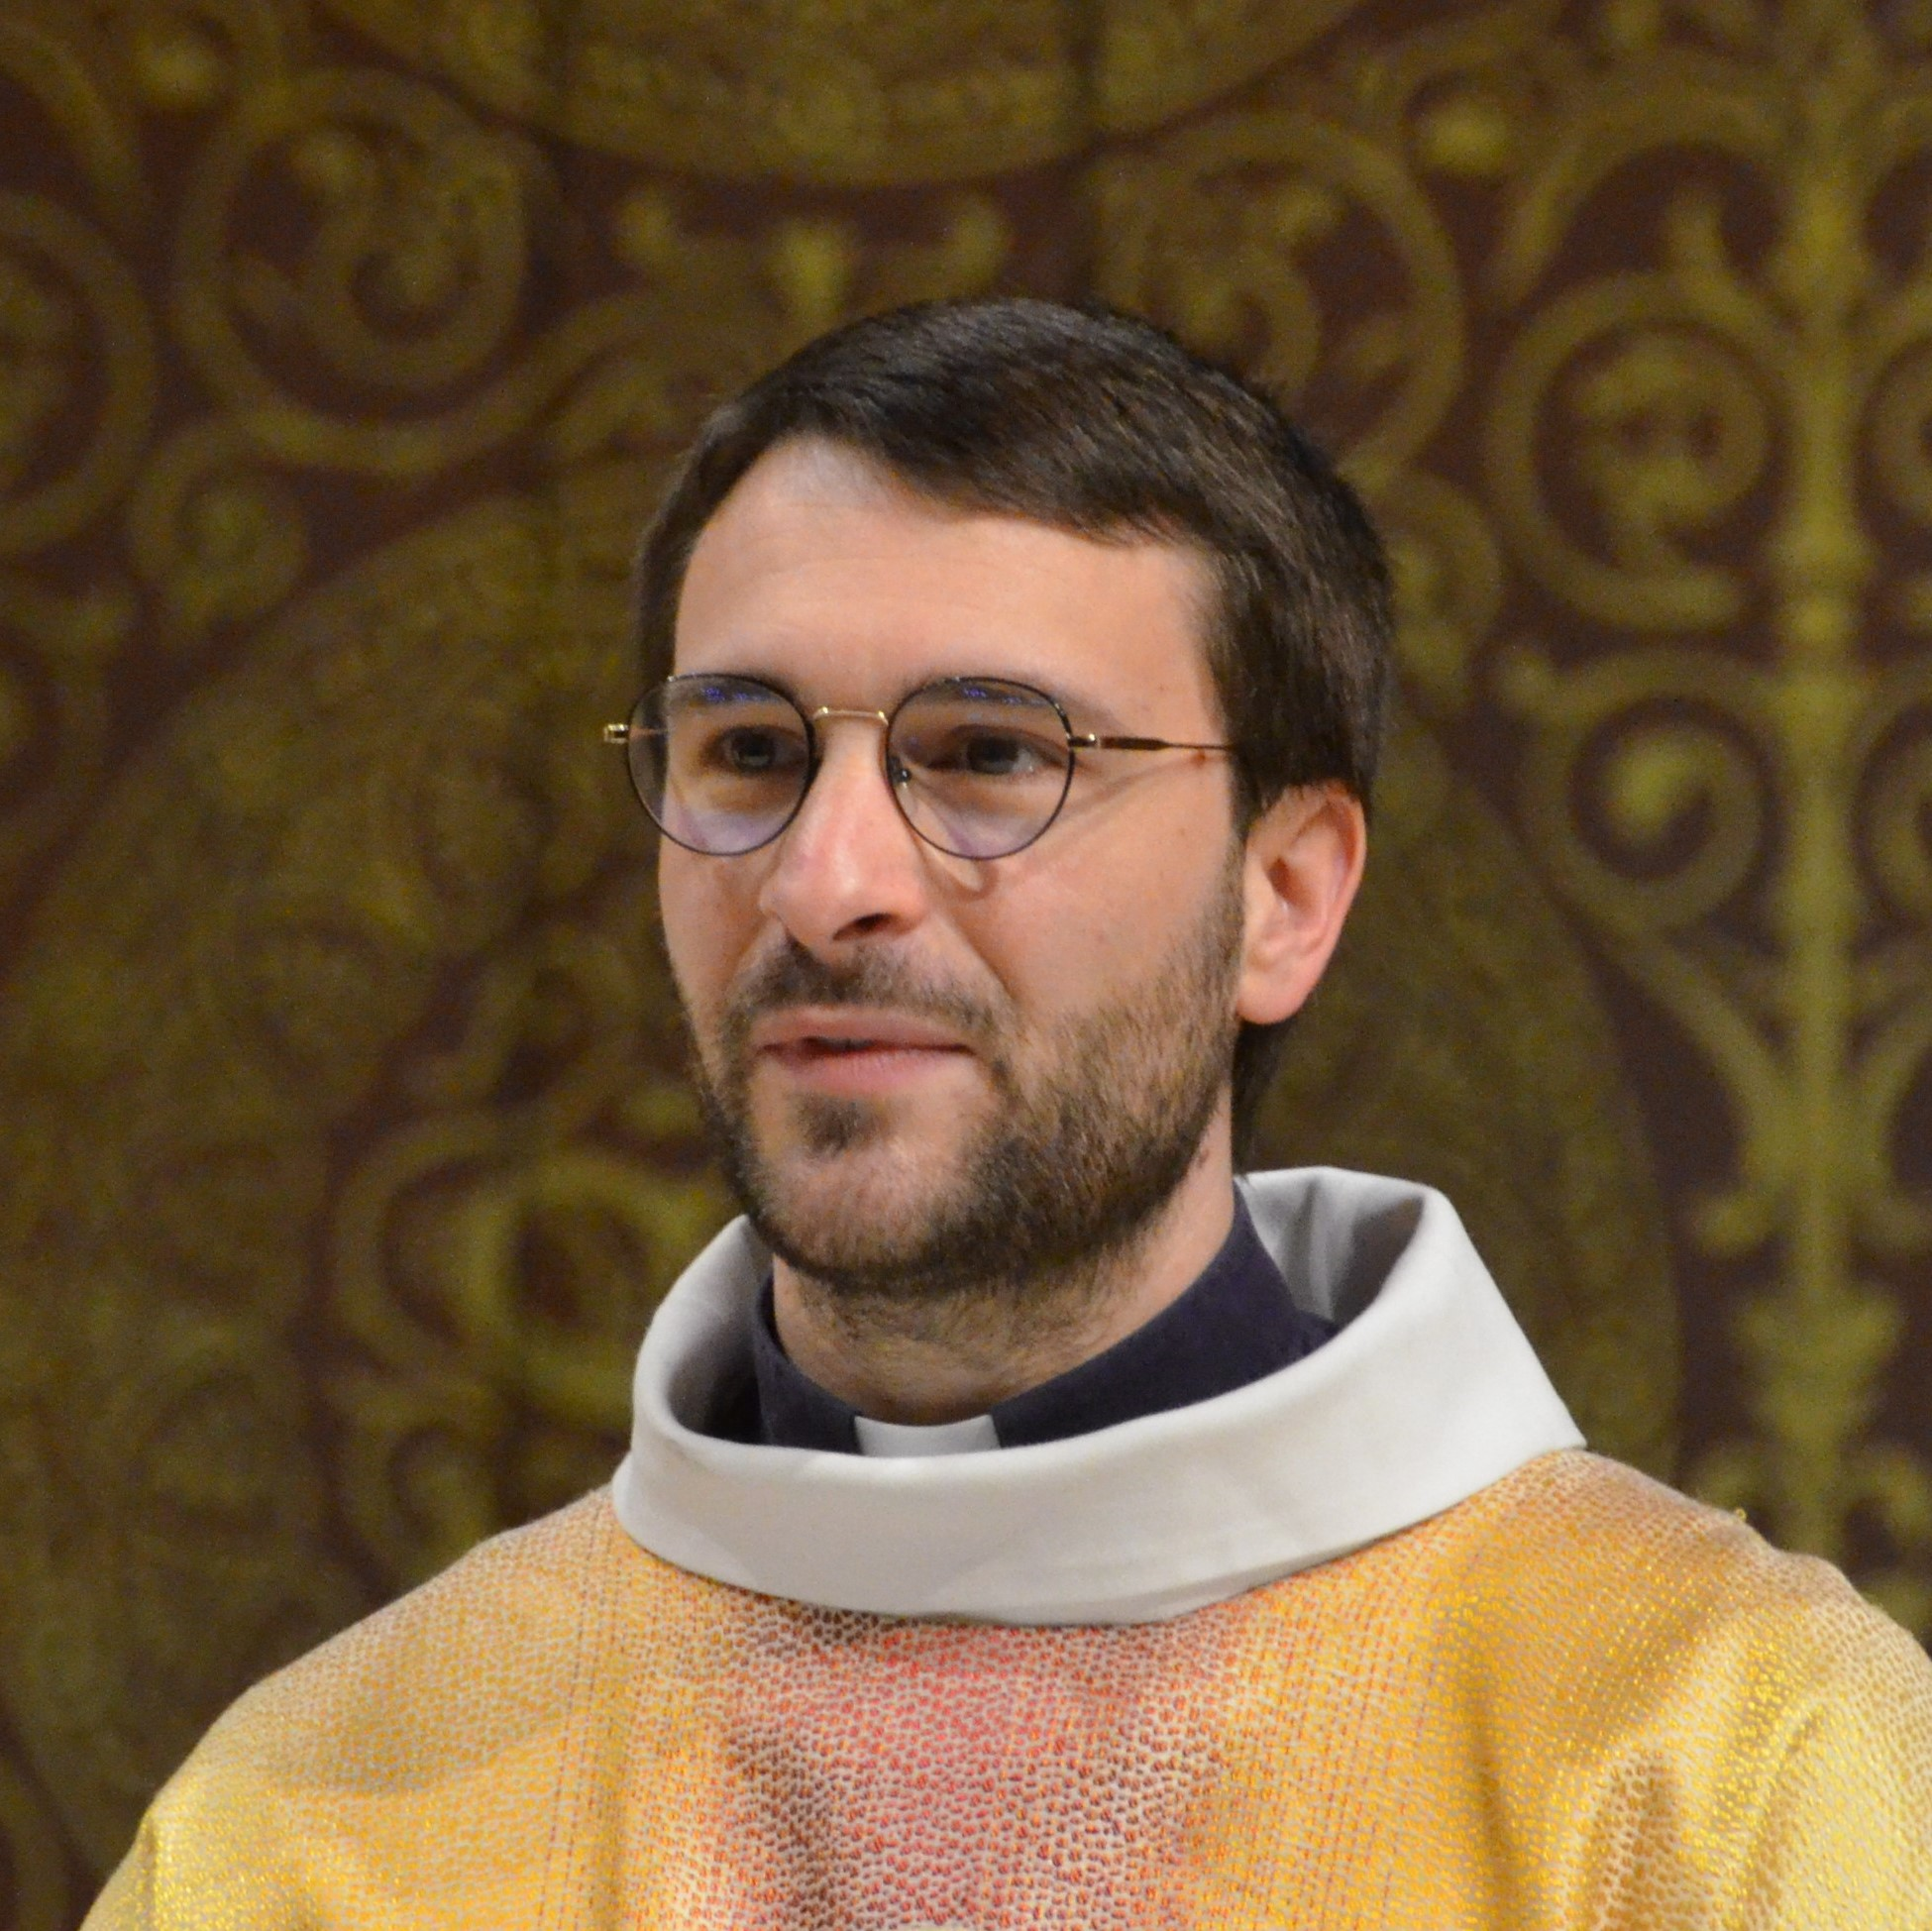 Messe du 17 Janvier 2021, 2ème dimanche du temps ordinaire : homélie du Père Philippe Perraud